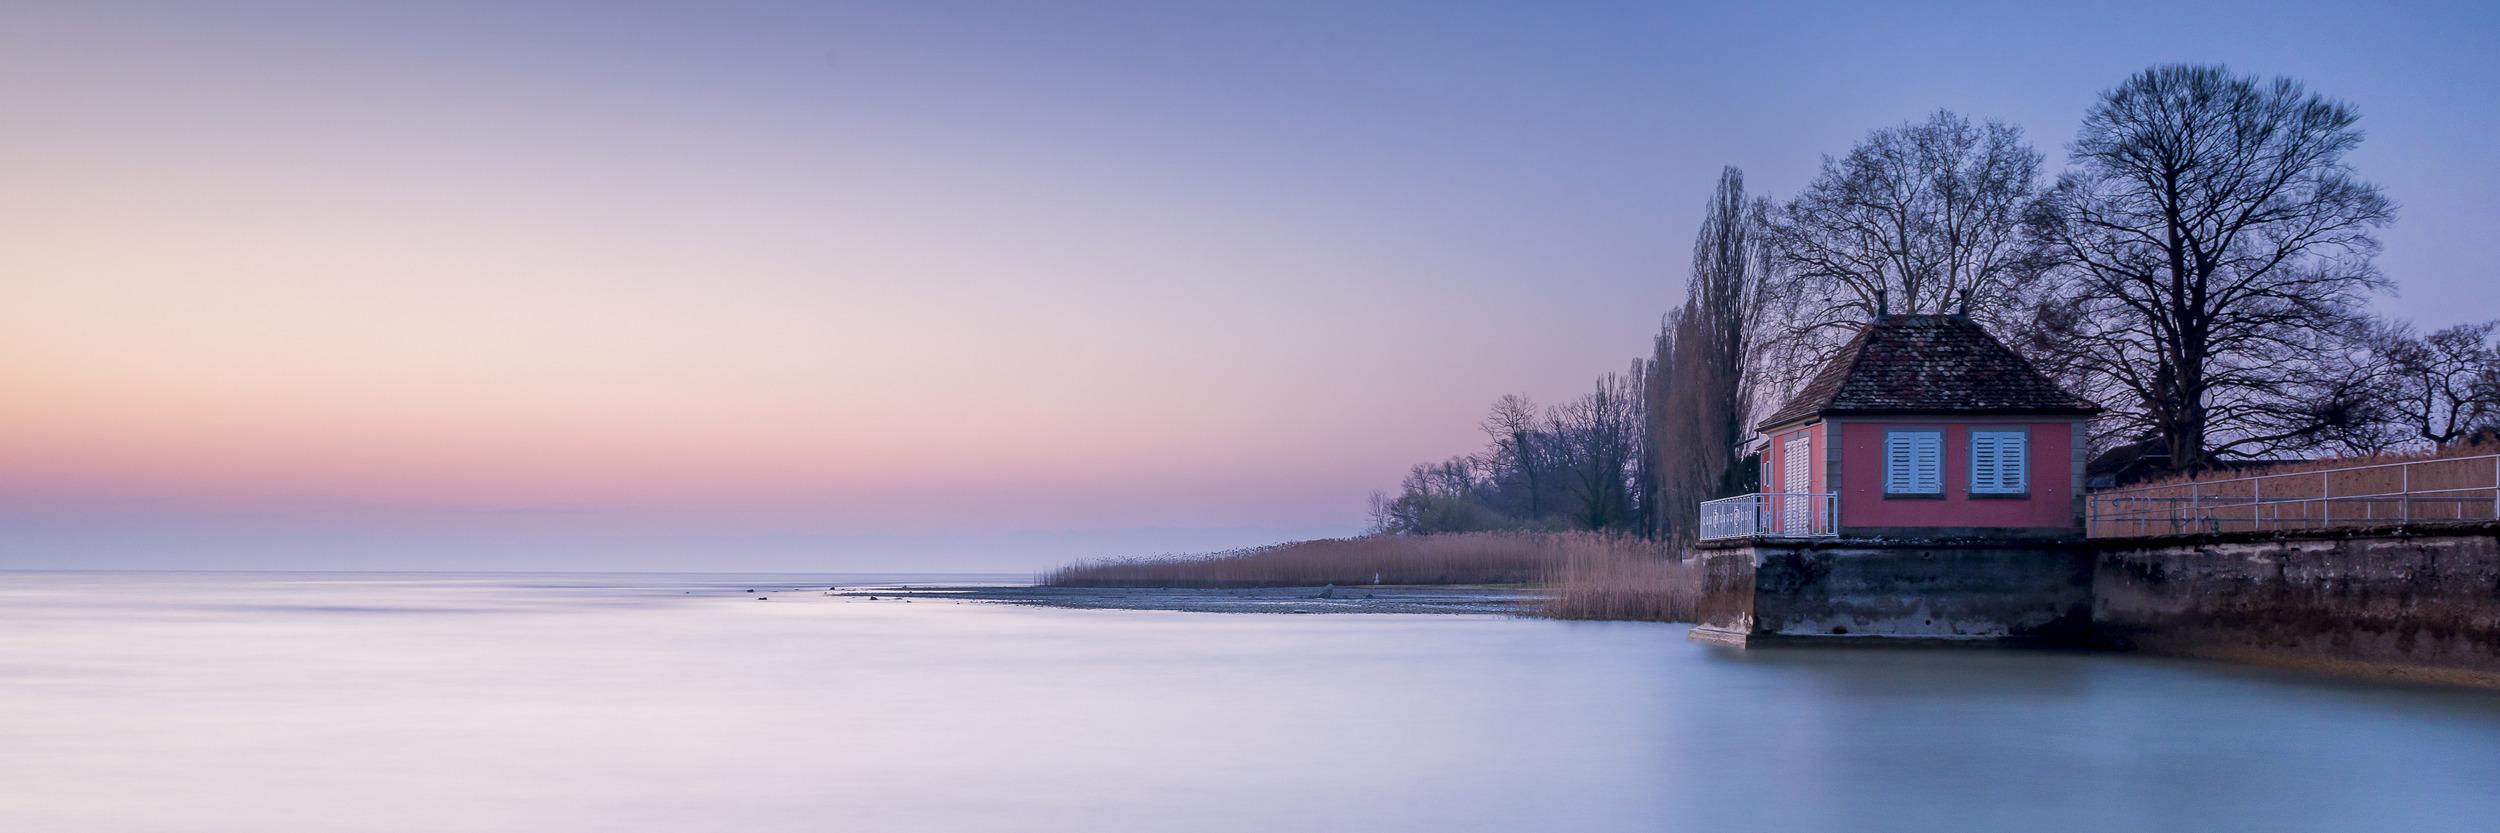 DAS BADEHAUS - Schöne Landschaft Bilder kaufen   Stimmungs Foto als Fineart by Stefan Somogyi Fotografie